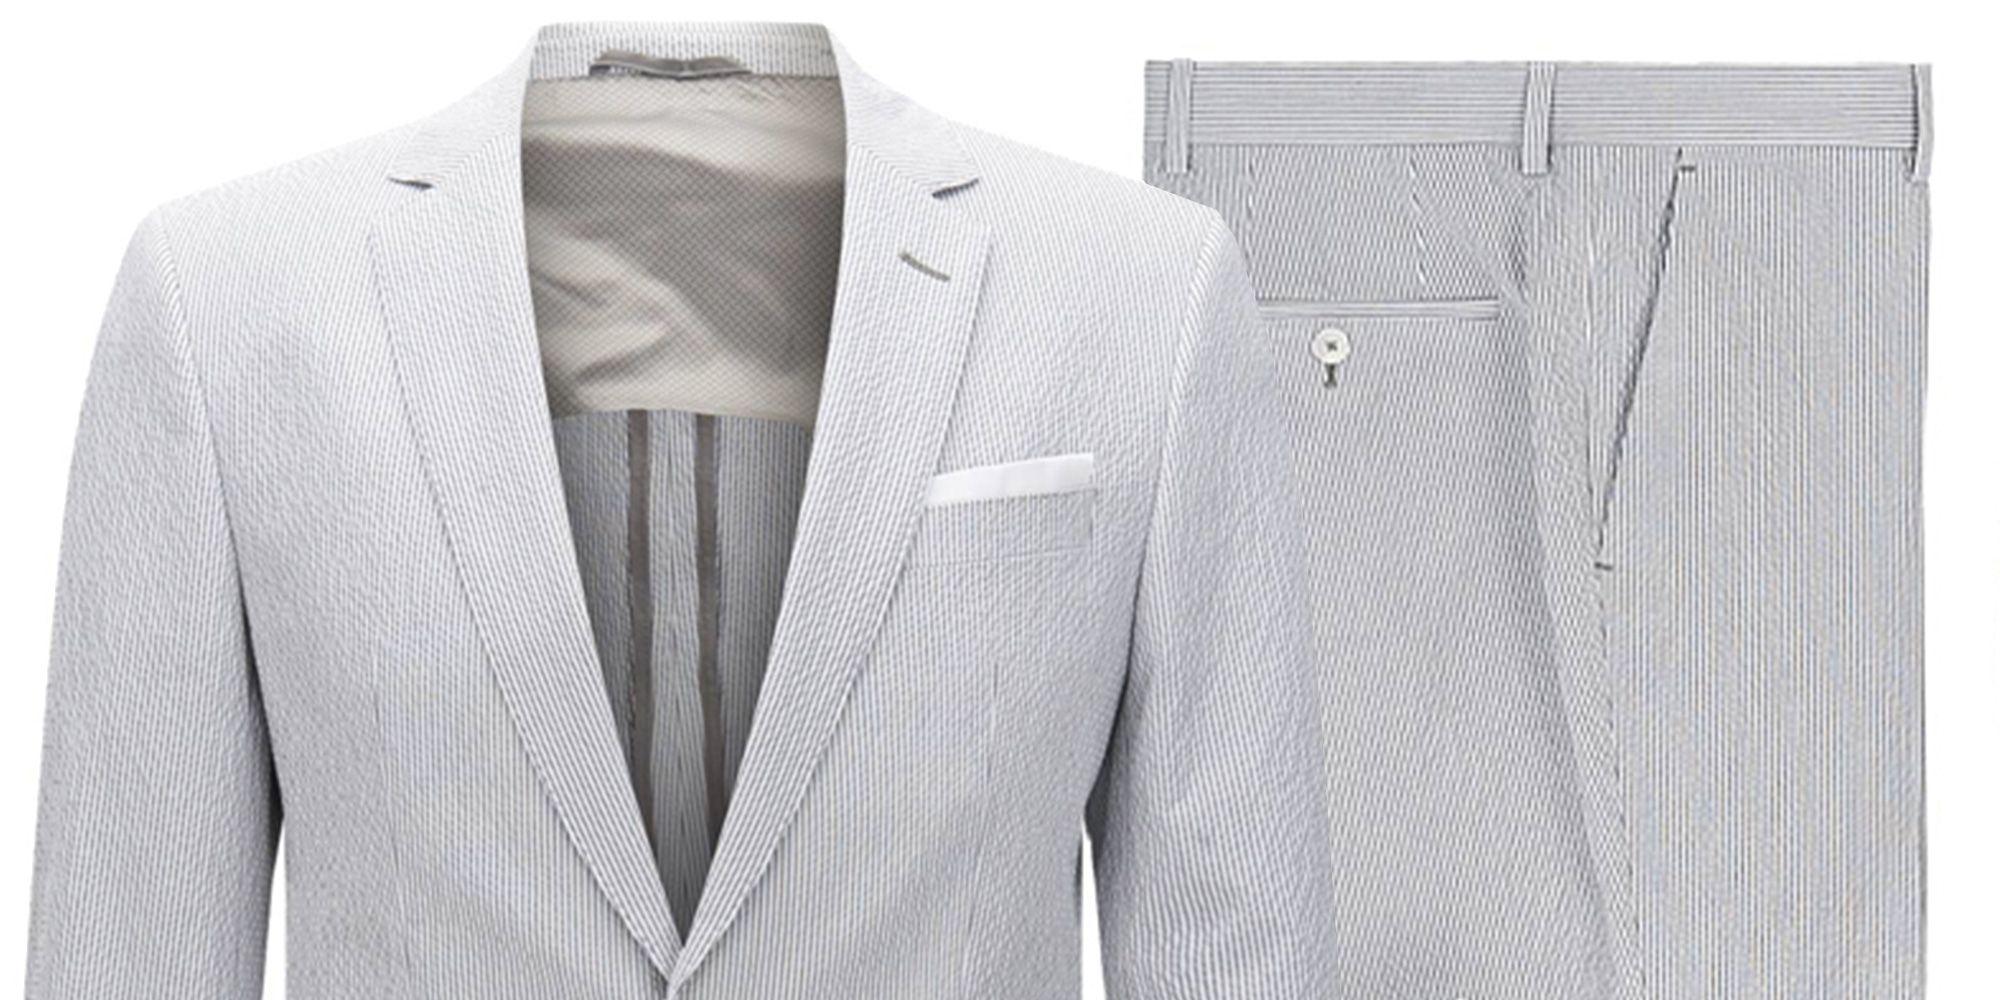 10 Best Seersucker Suits For Men How To Wear Seersucker In 2017